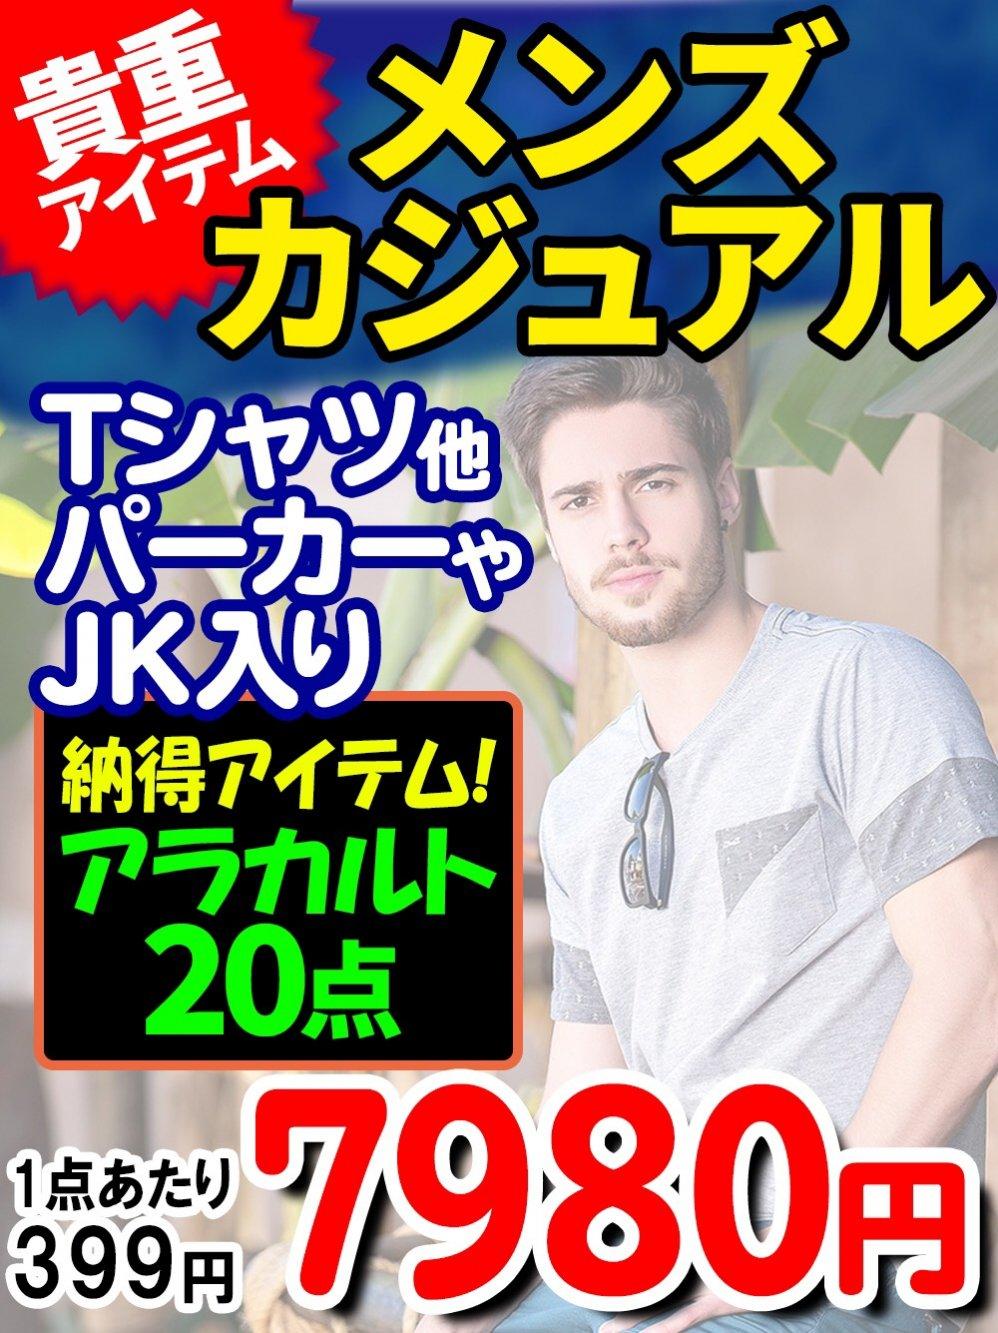 【貴重メンズカジュアルアイテム】Tシャツ他パーカーやJKも入って納得のアラカルト!【20点】@399【 アパレル卸問屋.com】